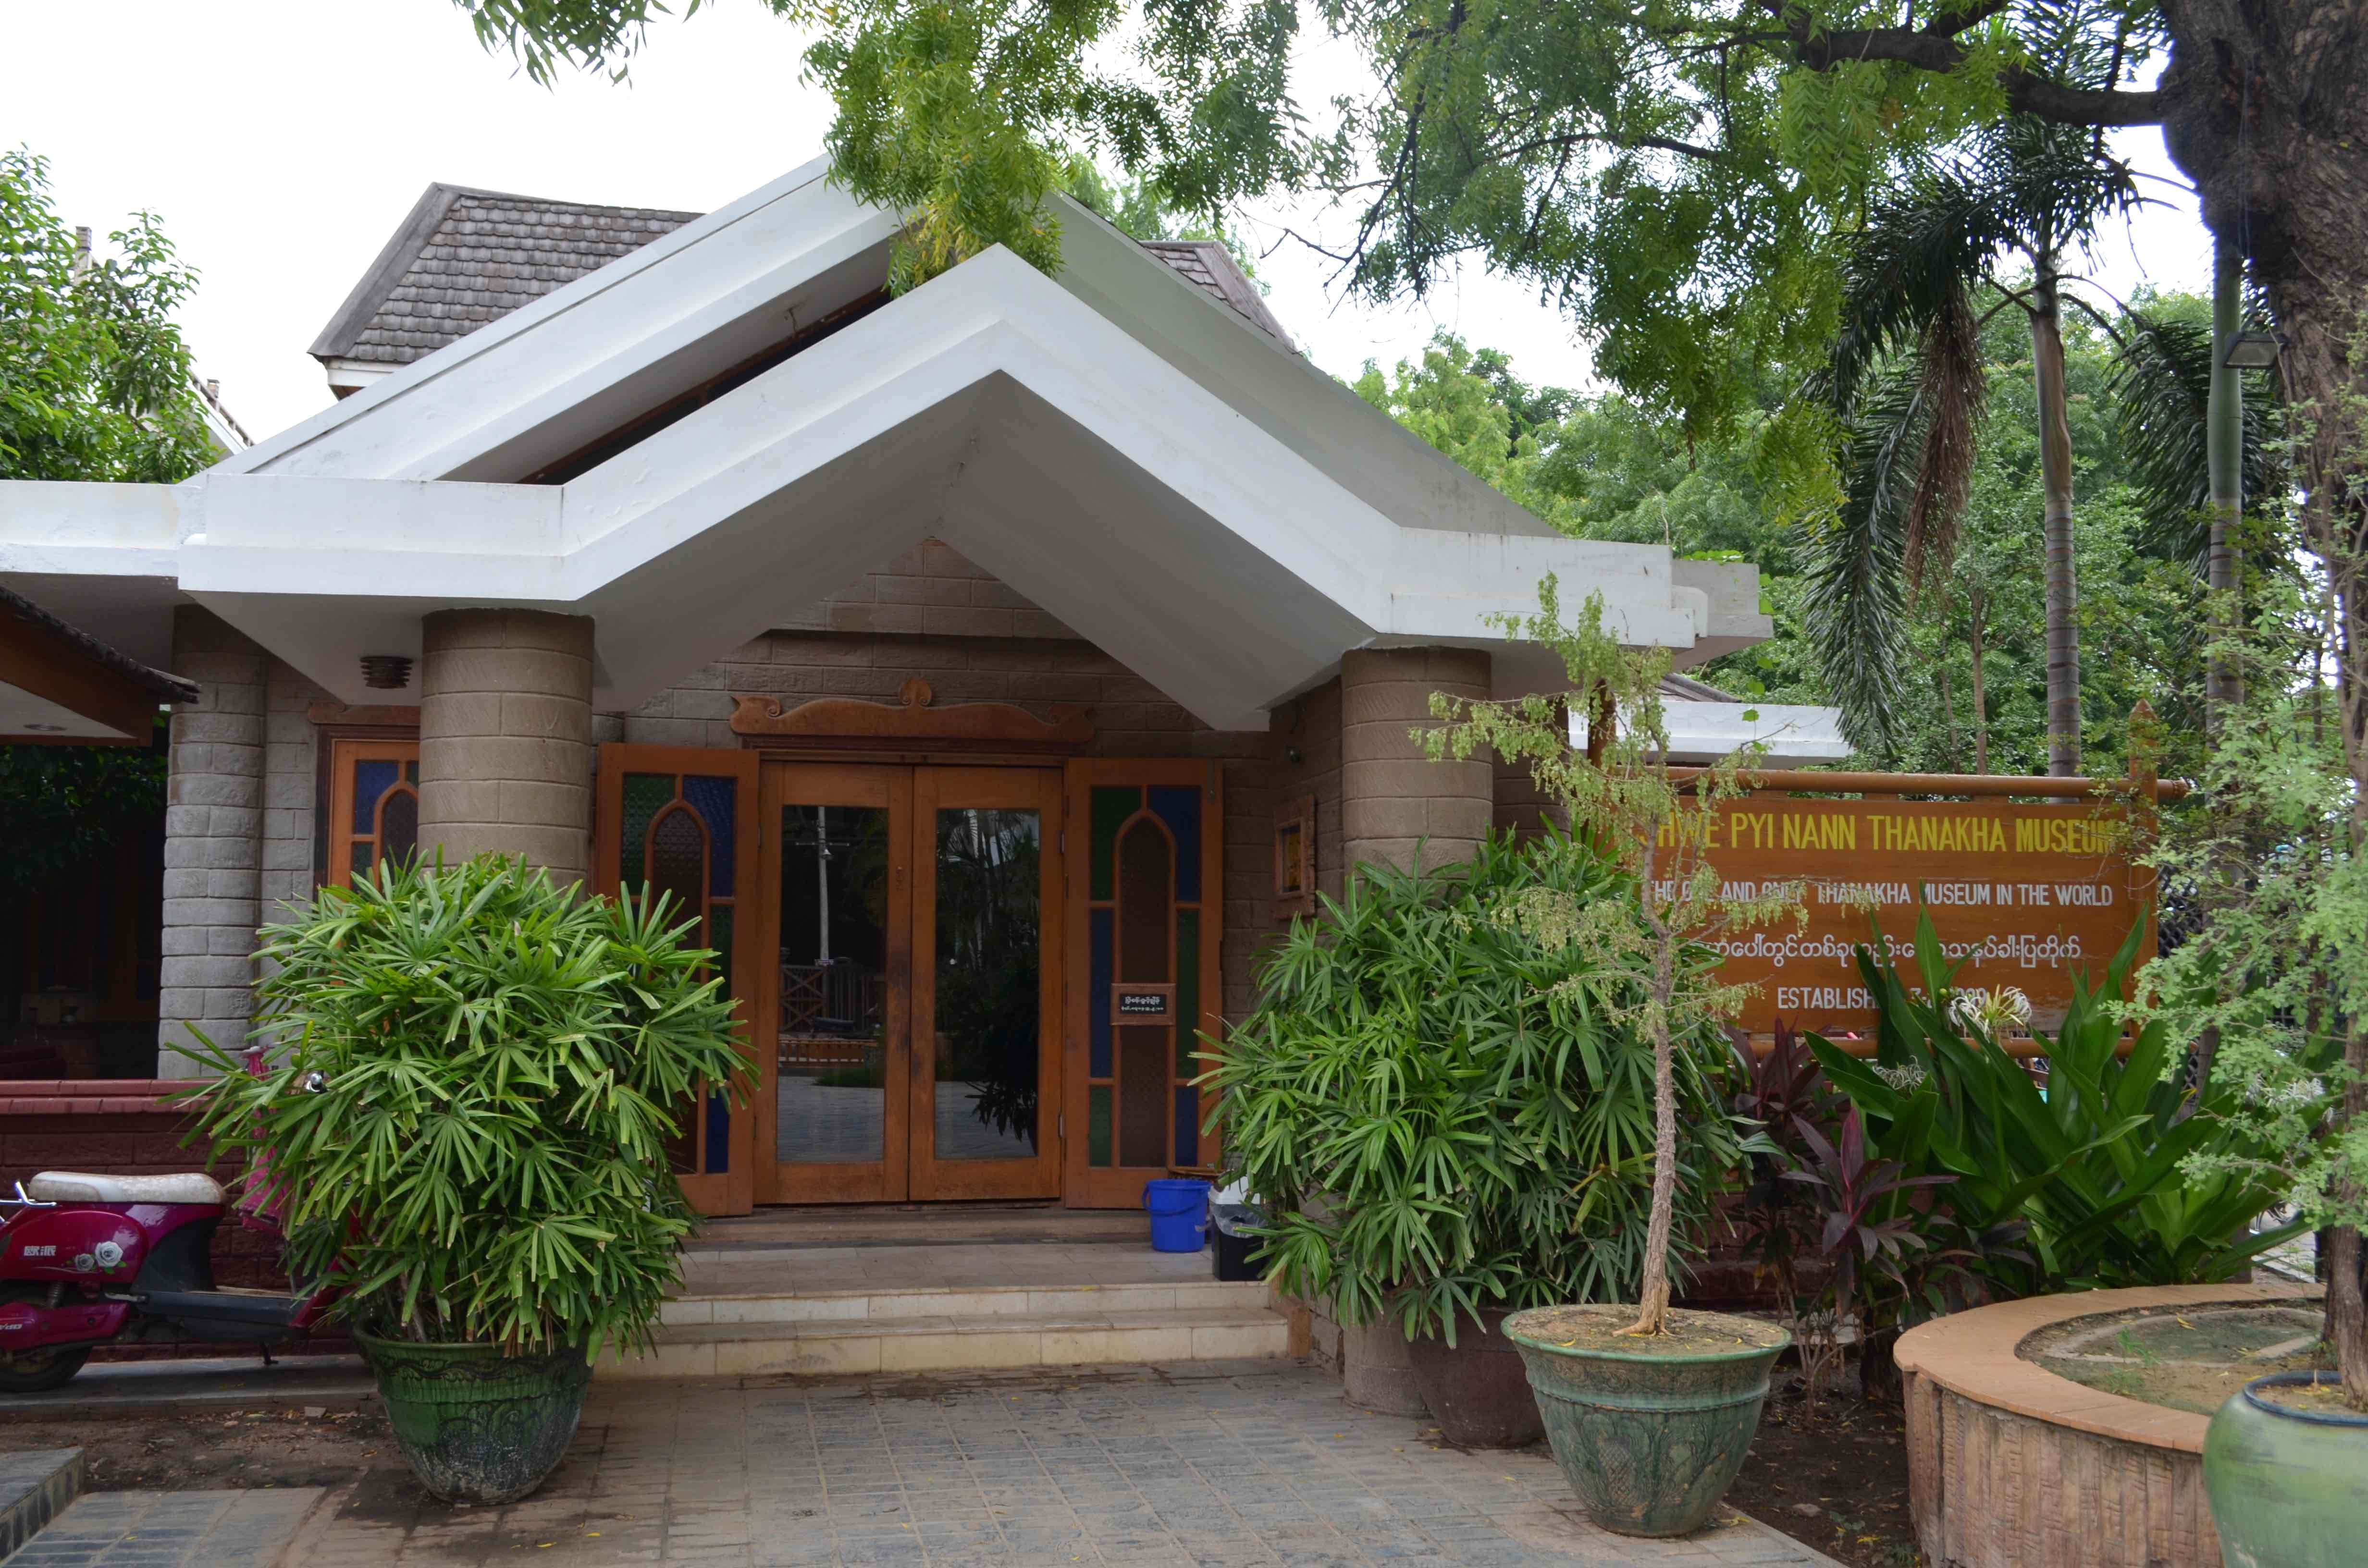 ミャンマー旅行:Shwe Pyi Nann Thanakha Museumを観ただじ